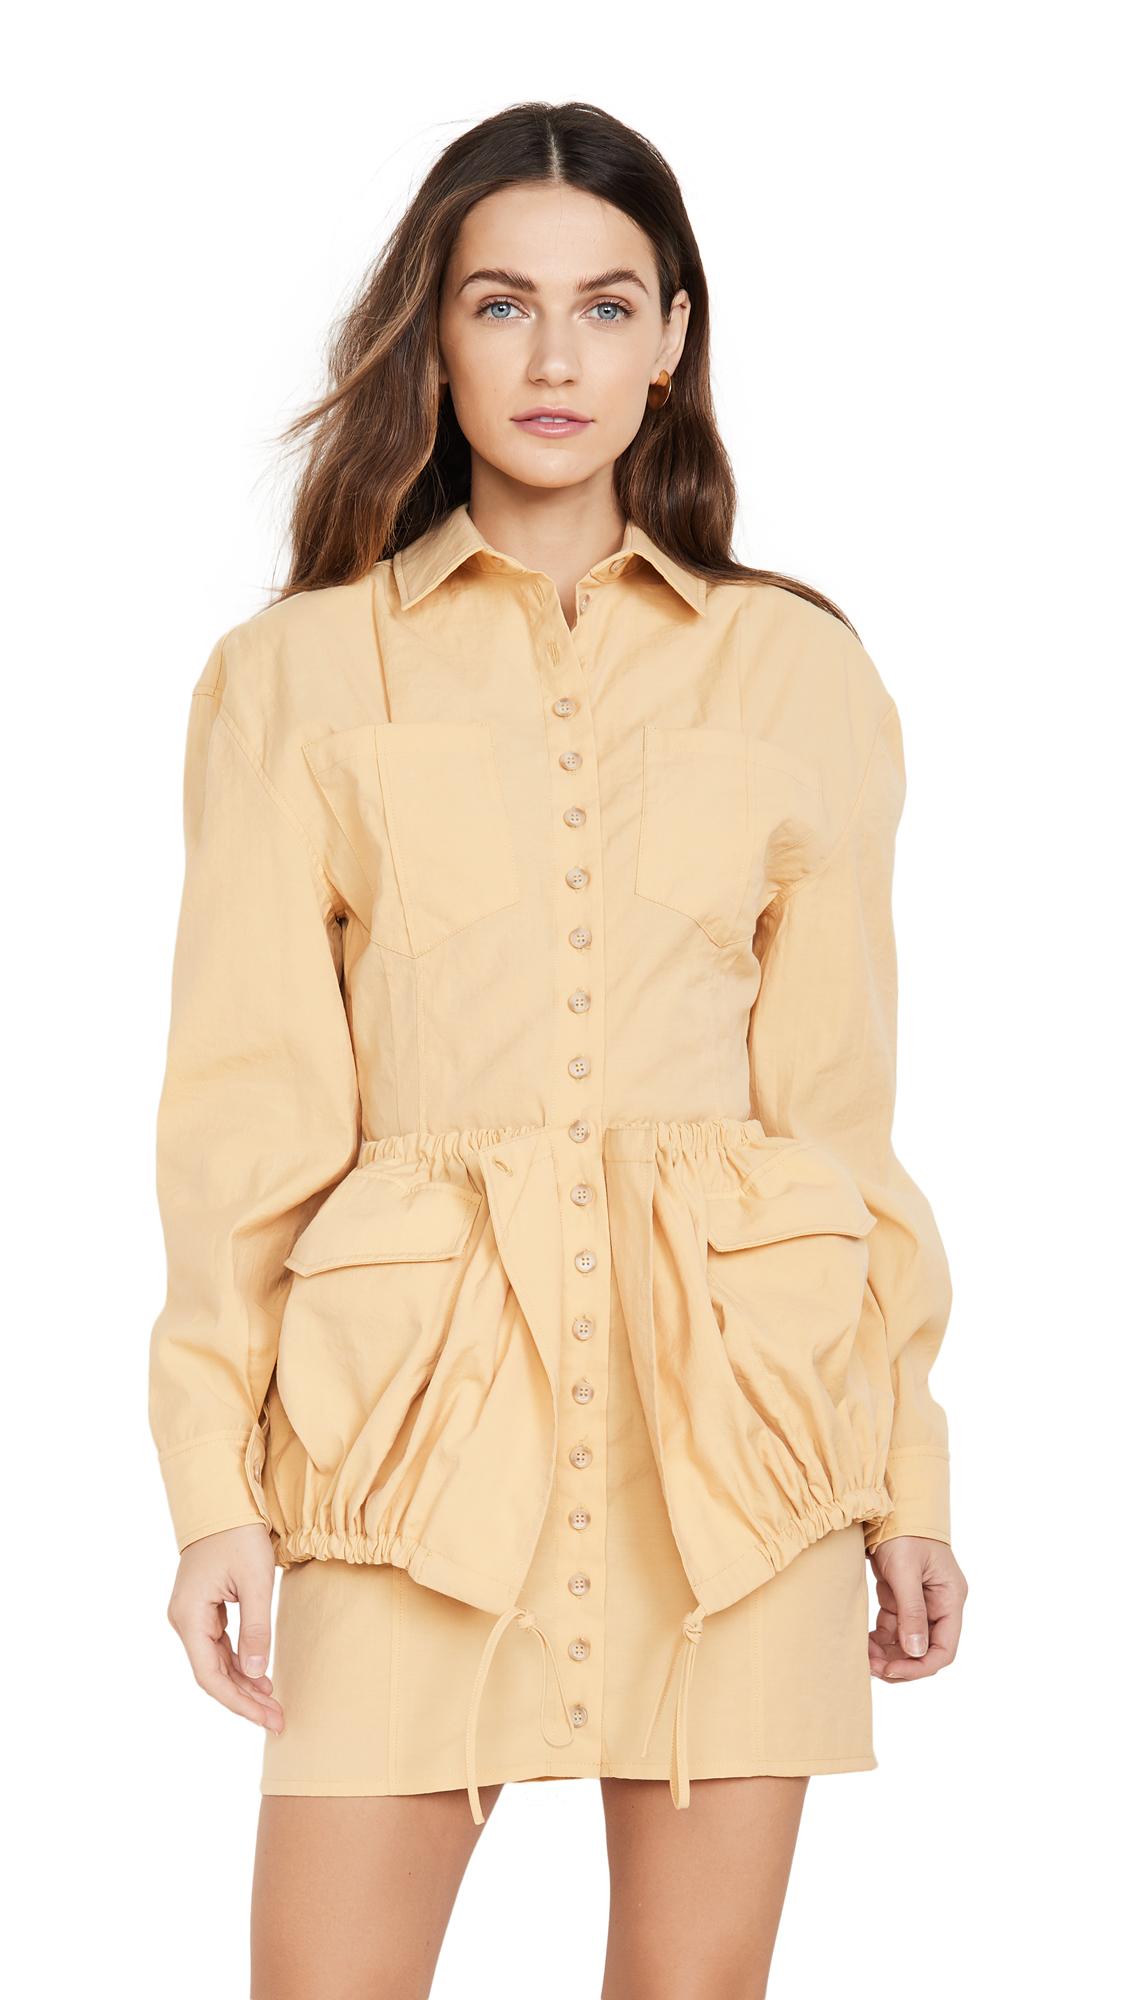 Photo of Jacquemus Cueillette Dress - shop Jacquemus Clothing, Dresses online